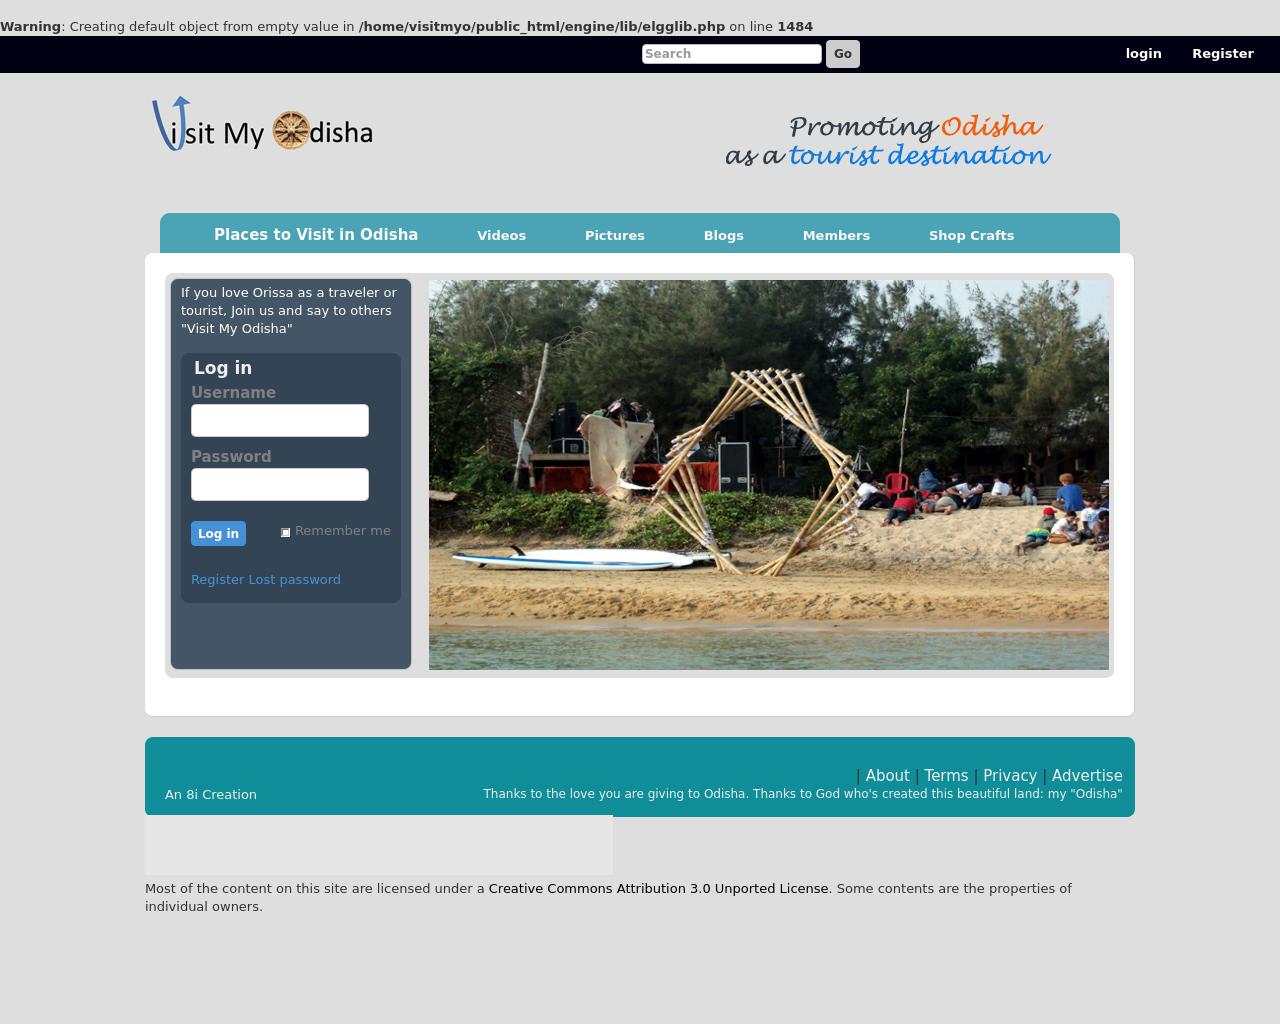 Visit-My-Odisha-Advertising-Reviews-Pricing